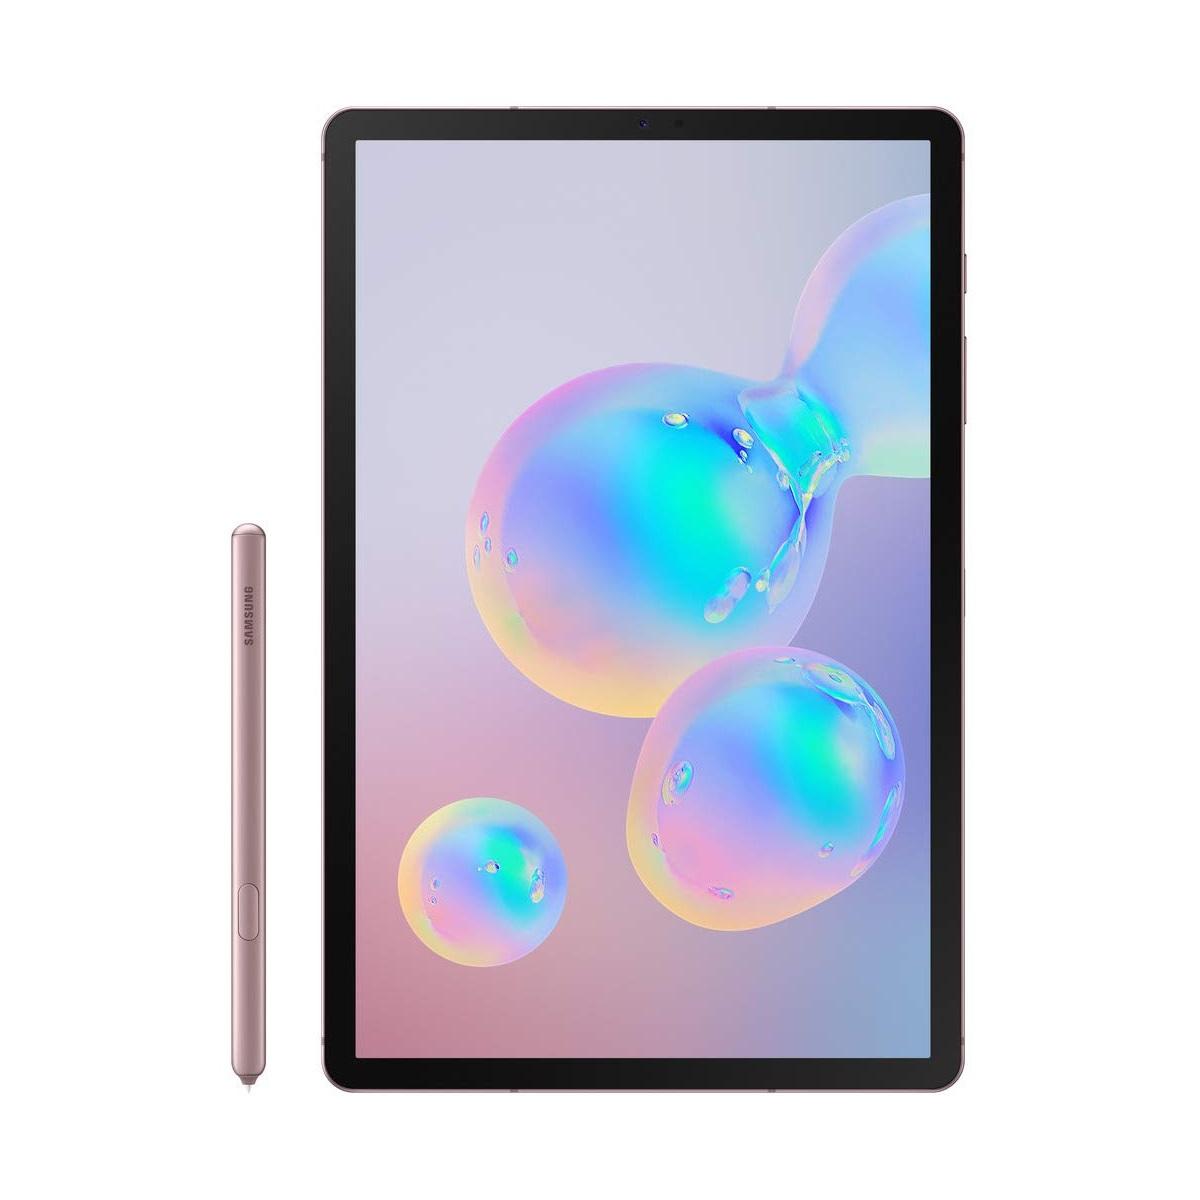 近期低价!Samsung 三星 Galaxy Tab S6 10.5英寸 平板电脑 WLAN 6GB+128GB 玫瑰粉